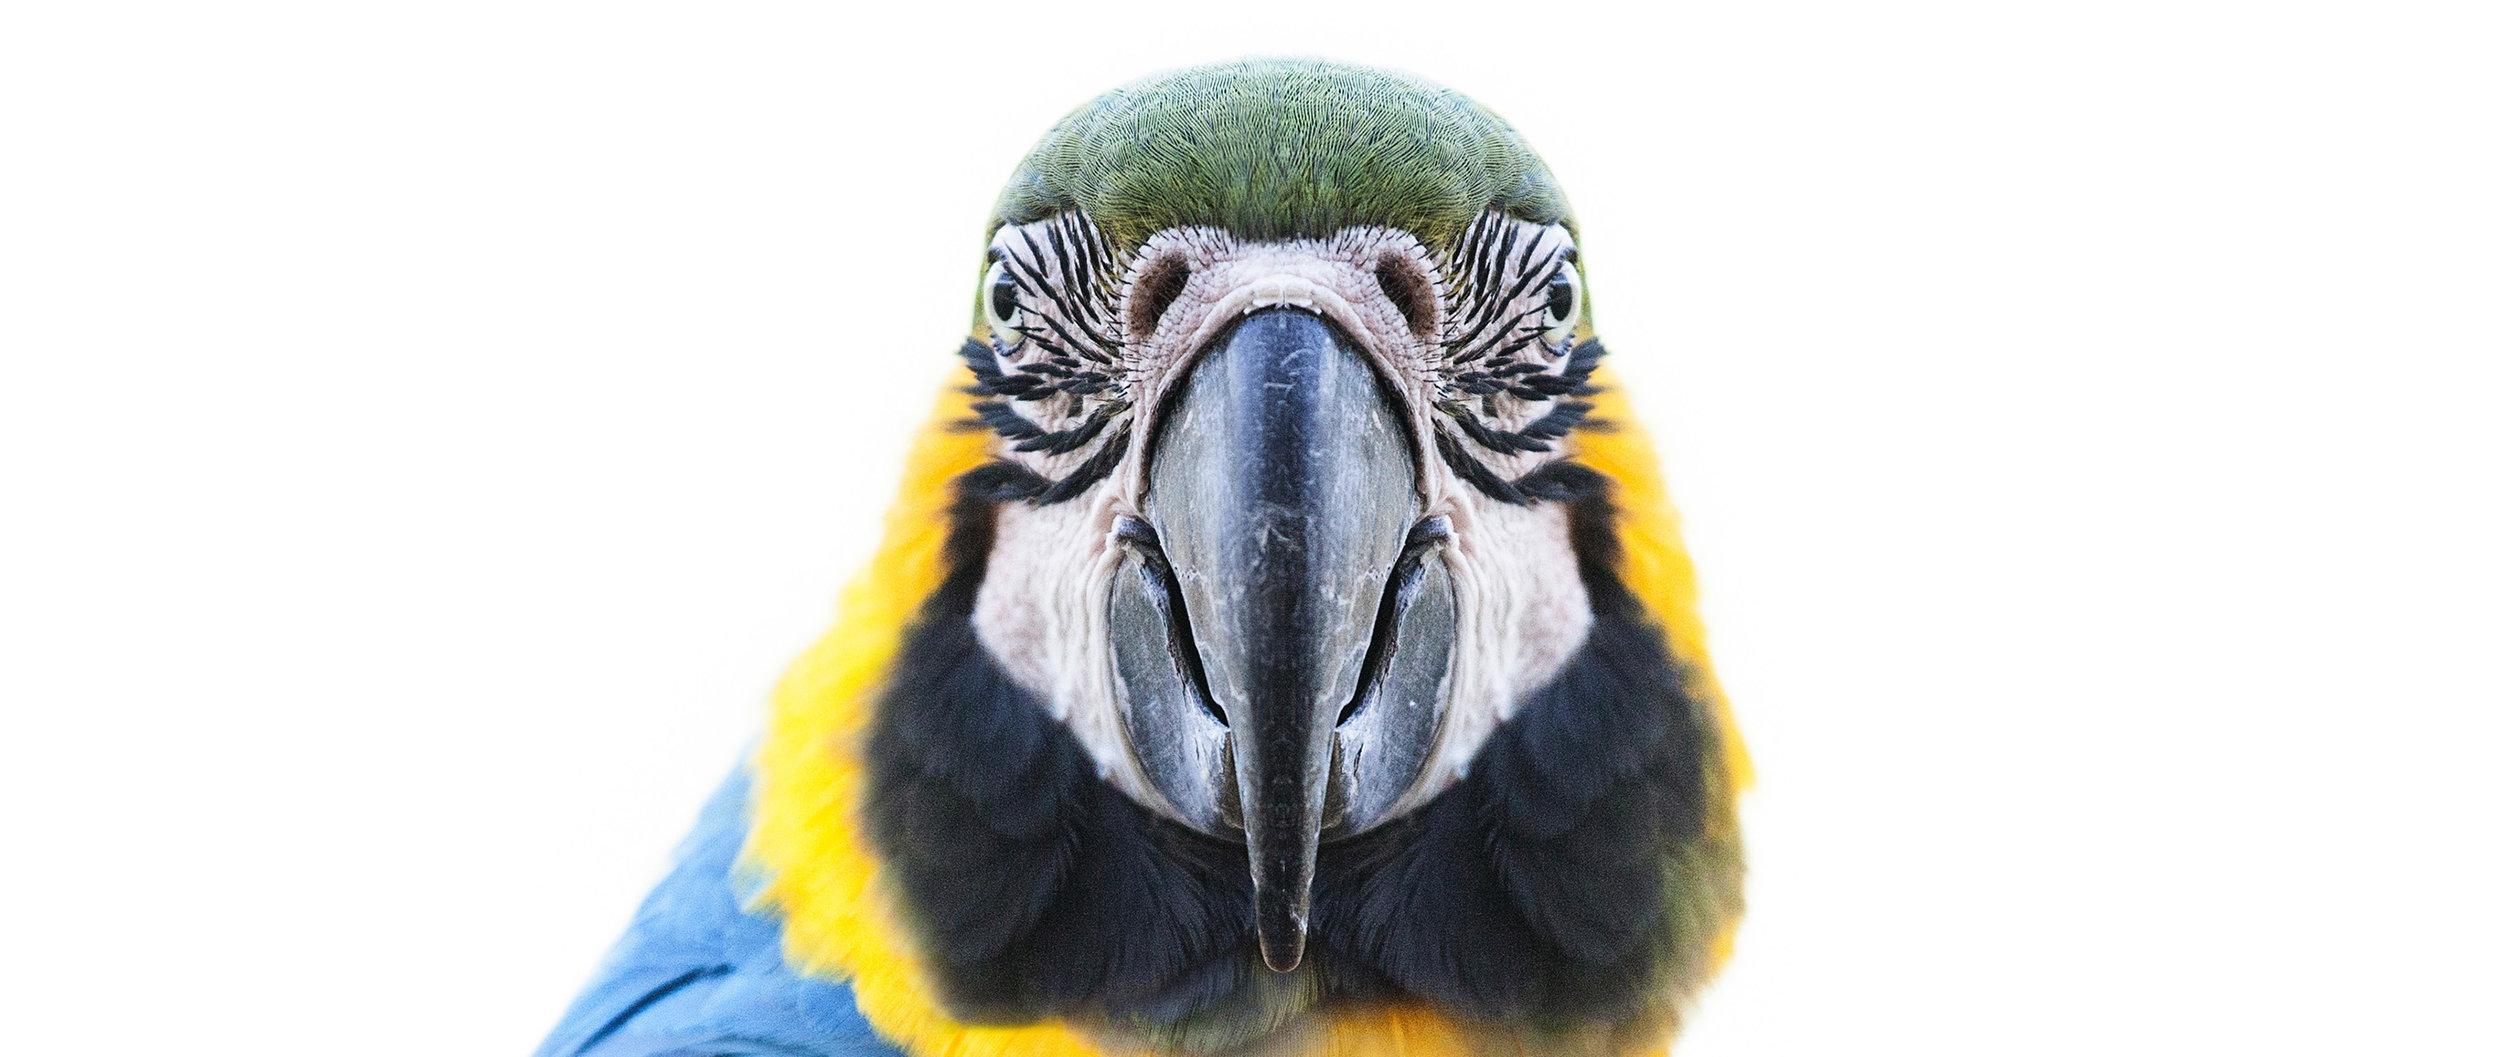 Portrait_2_Macaw_Pano2a.jpg